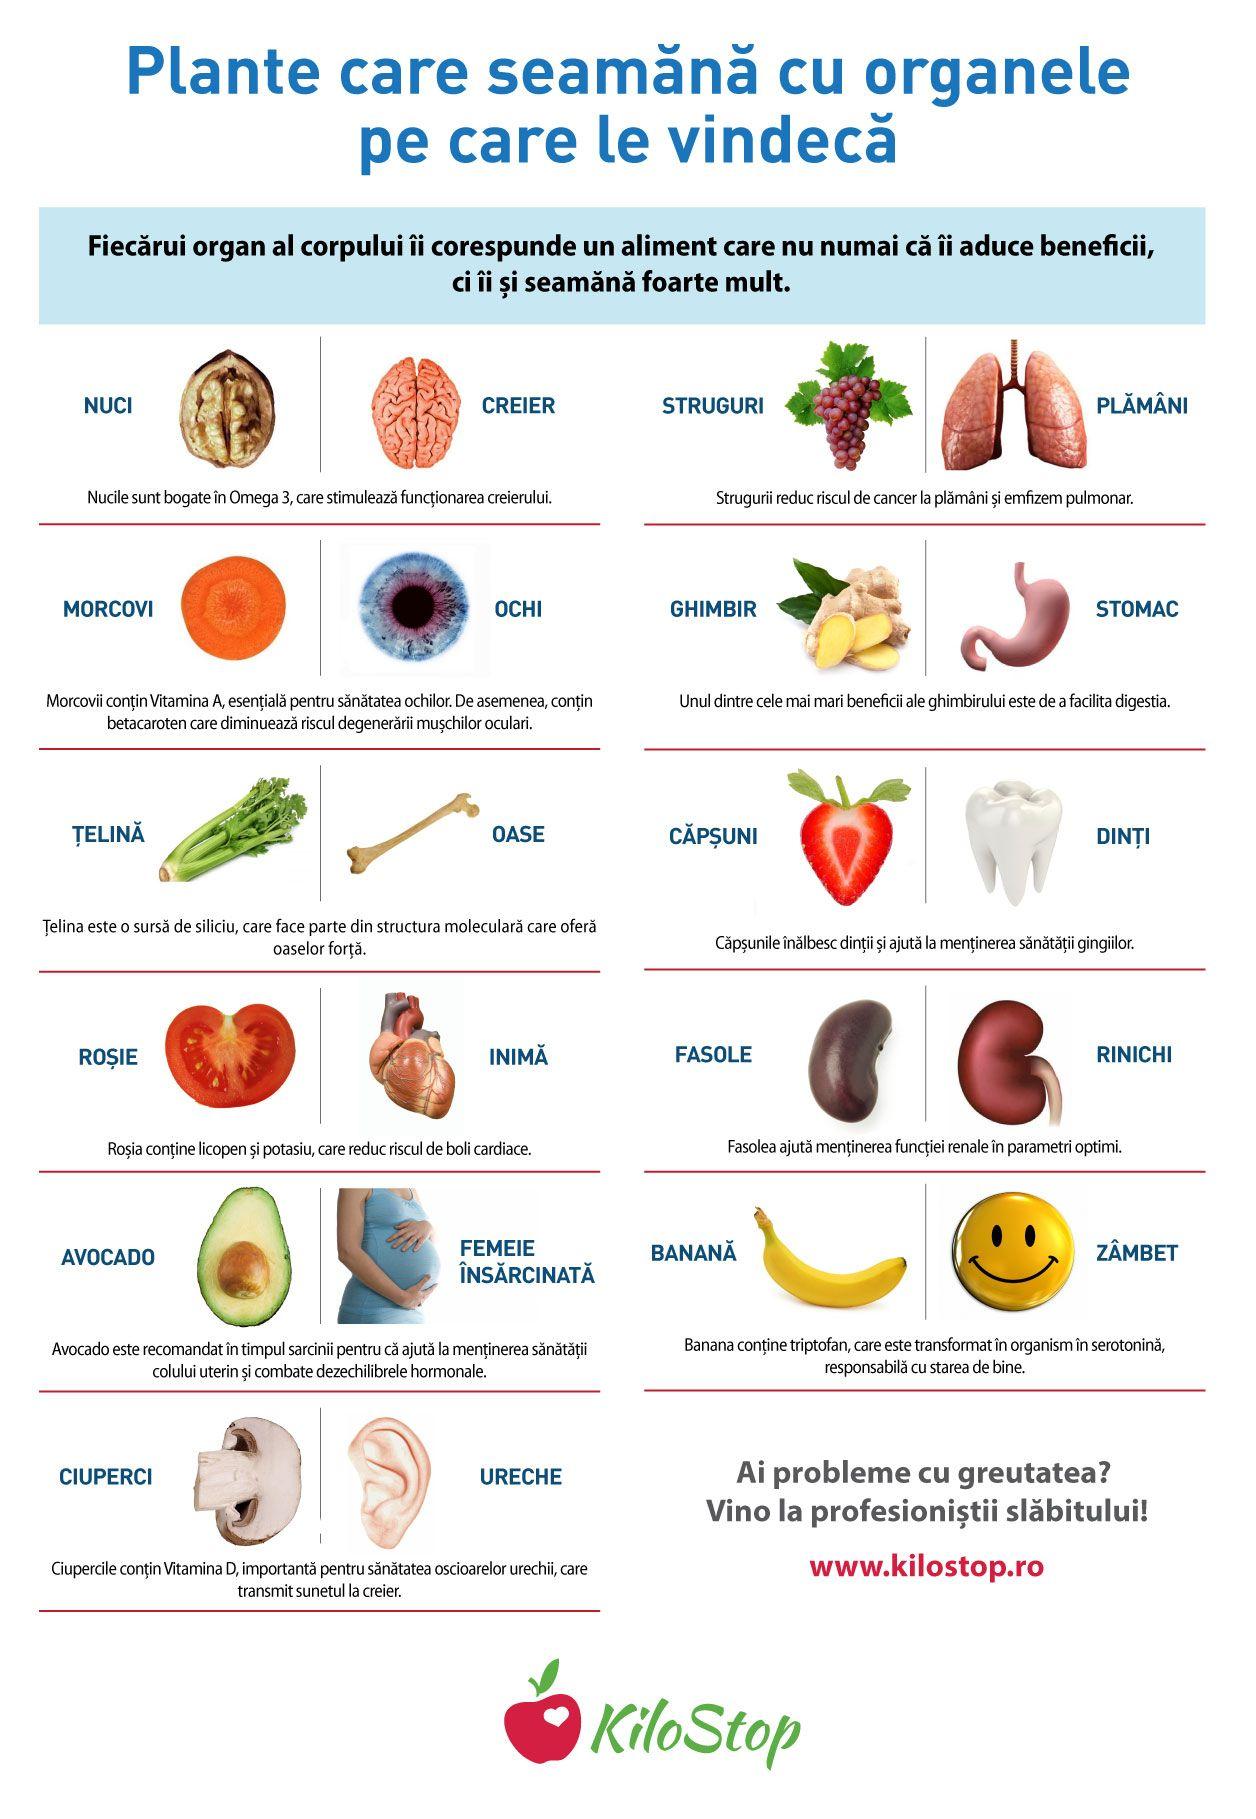 starea de sănătate pierderea în greutate